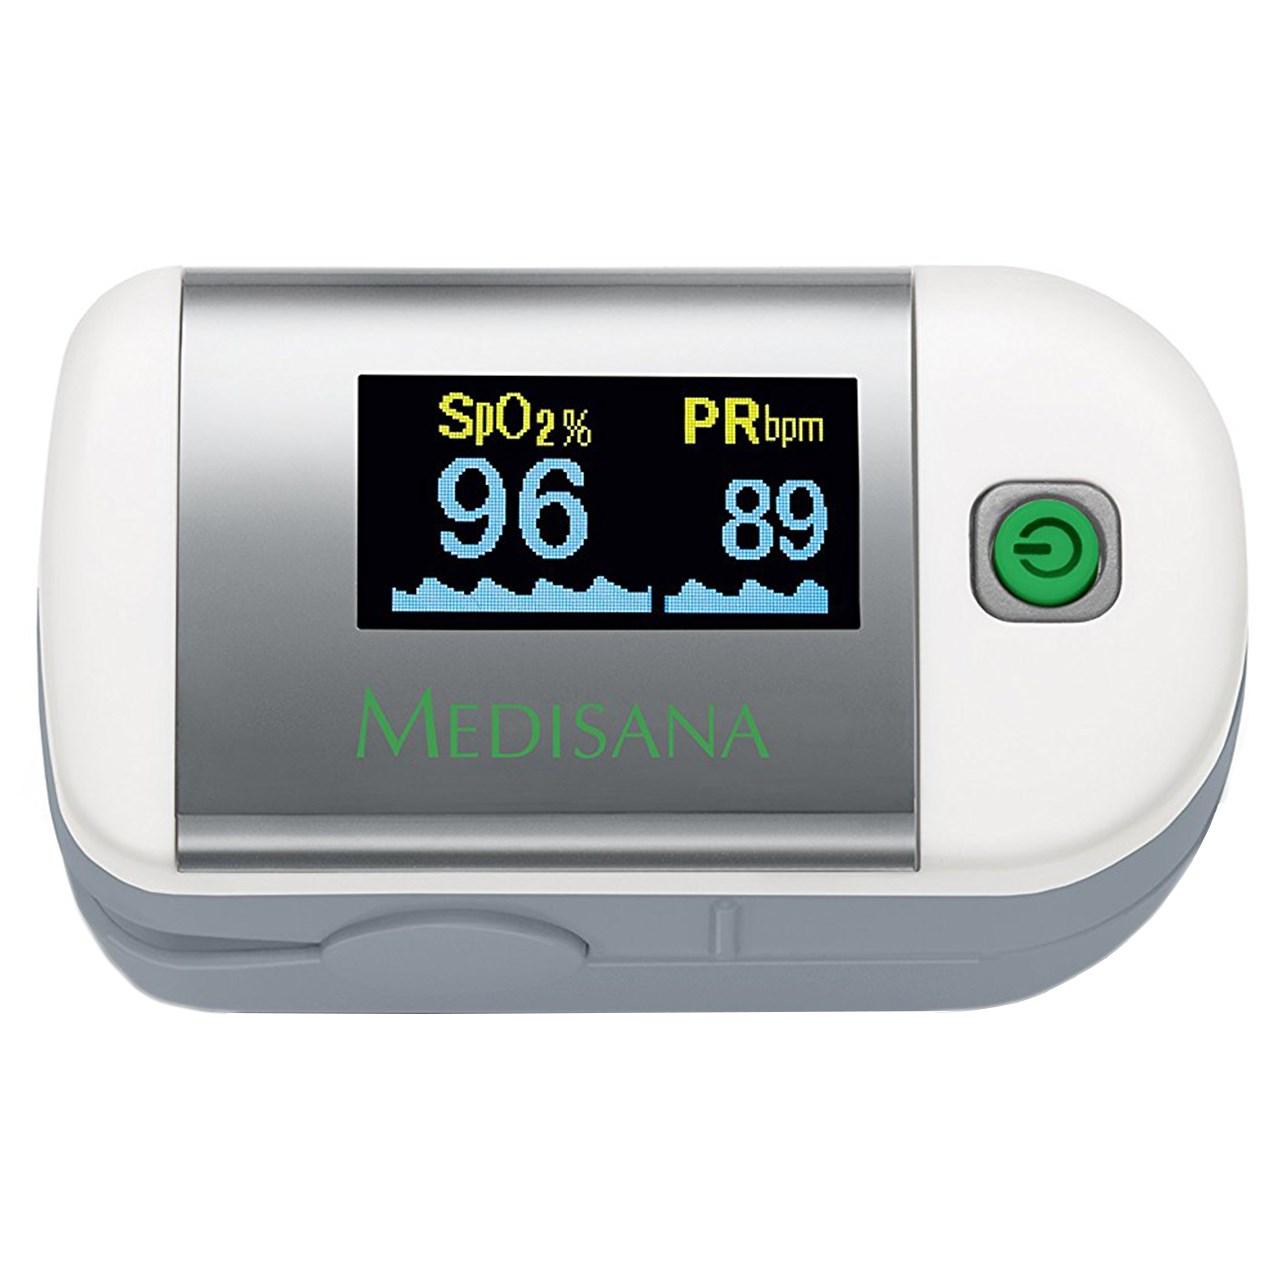 ضربان سنج مدیسانا مدل PM100 | Medisana PM100 Pulse Oximeter